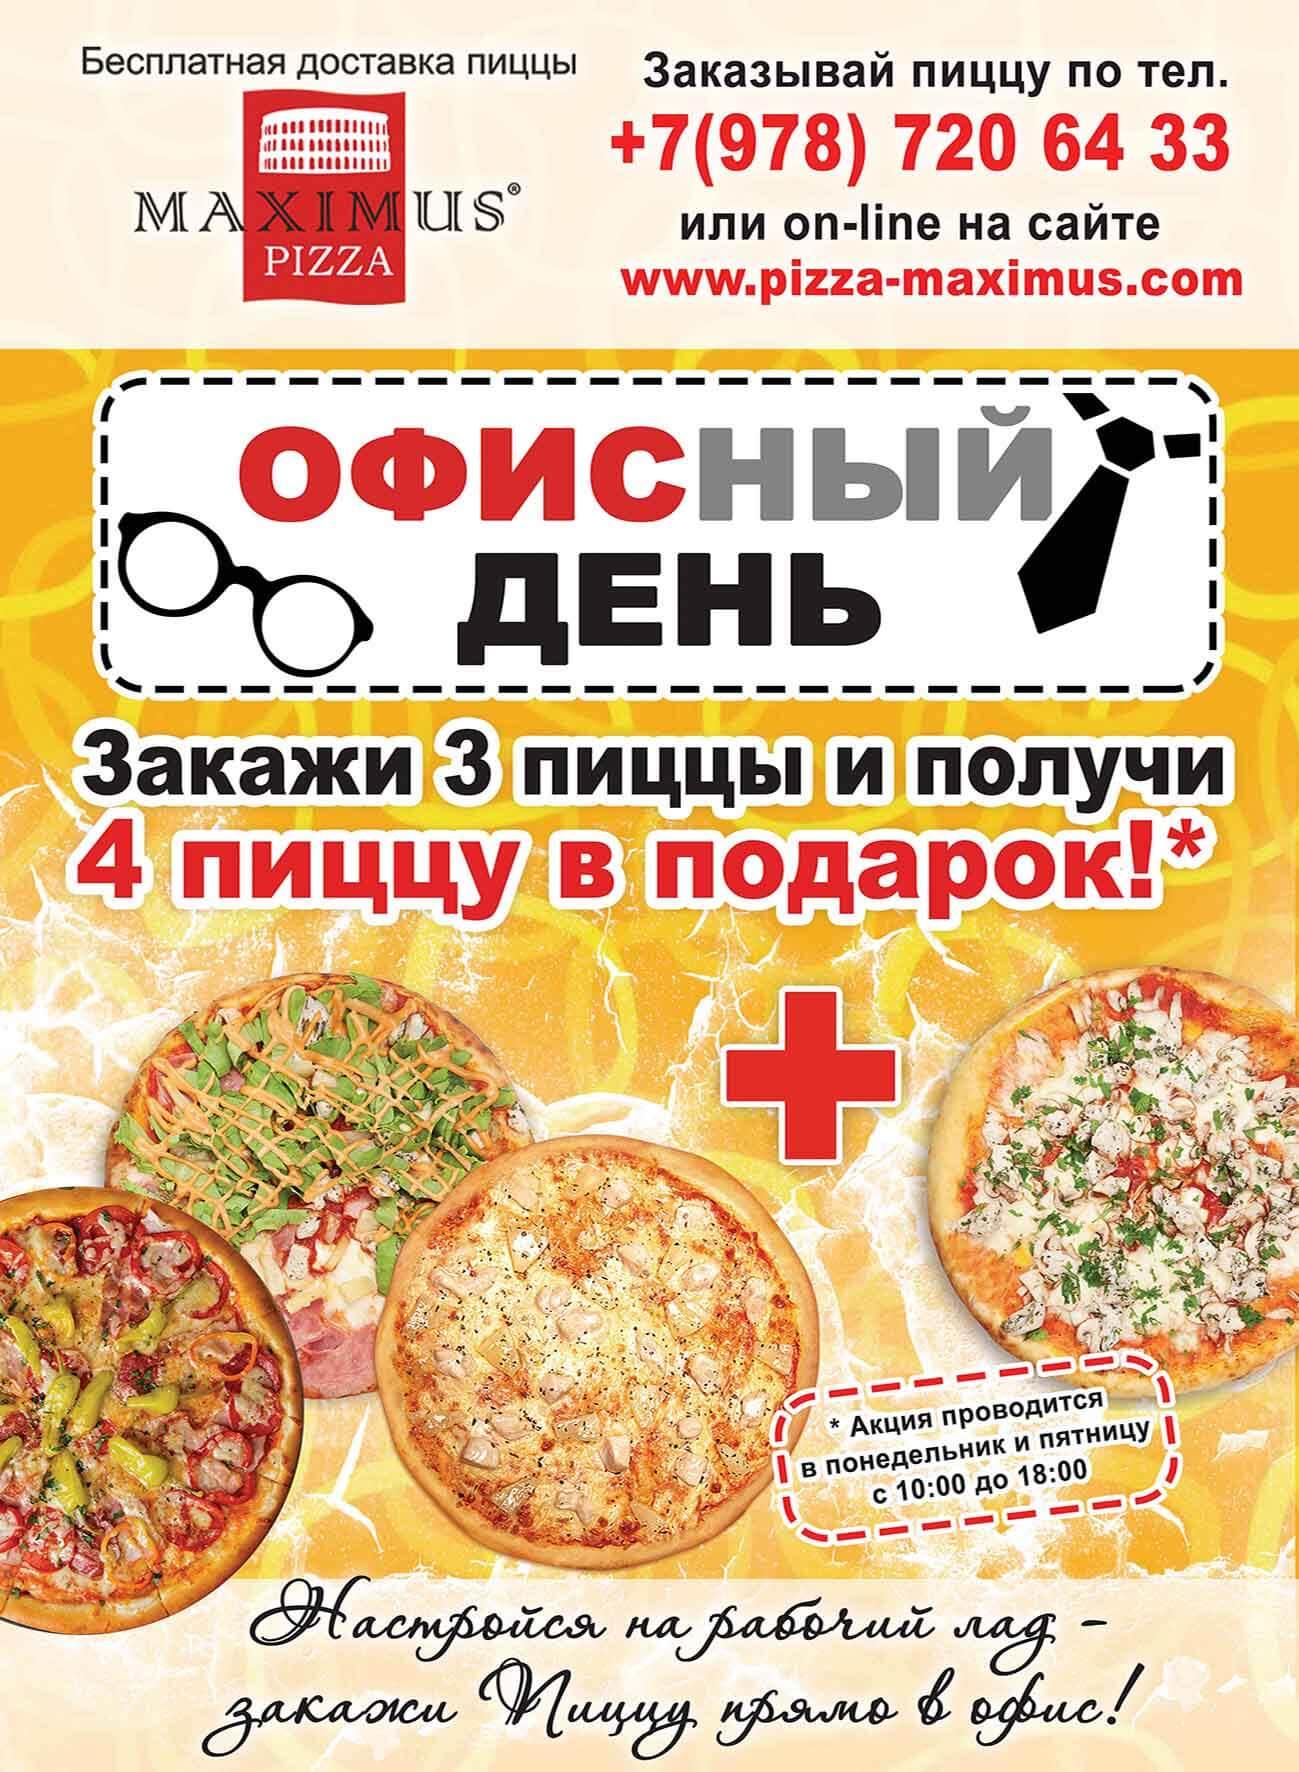 доставка пиццы - акция офисный день